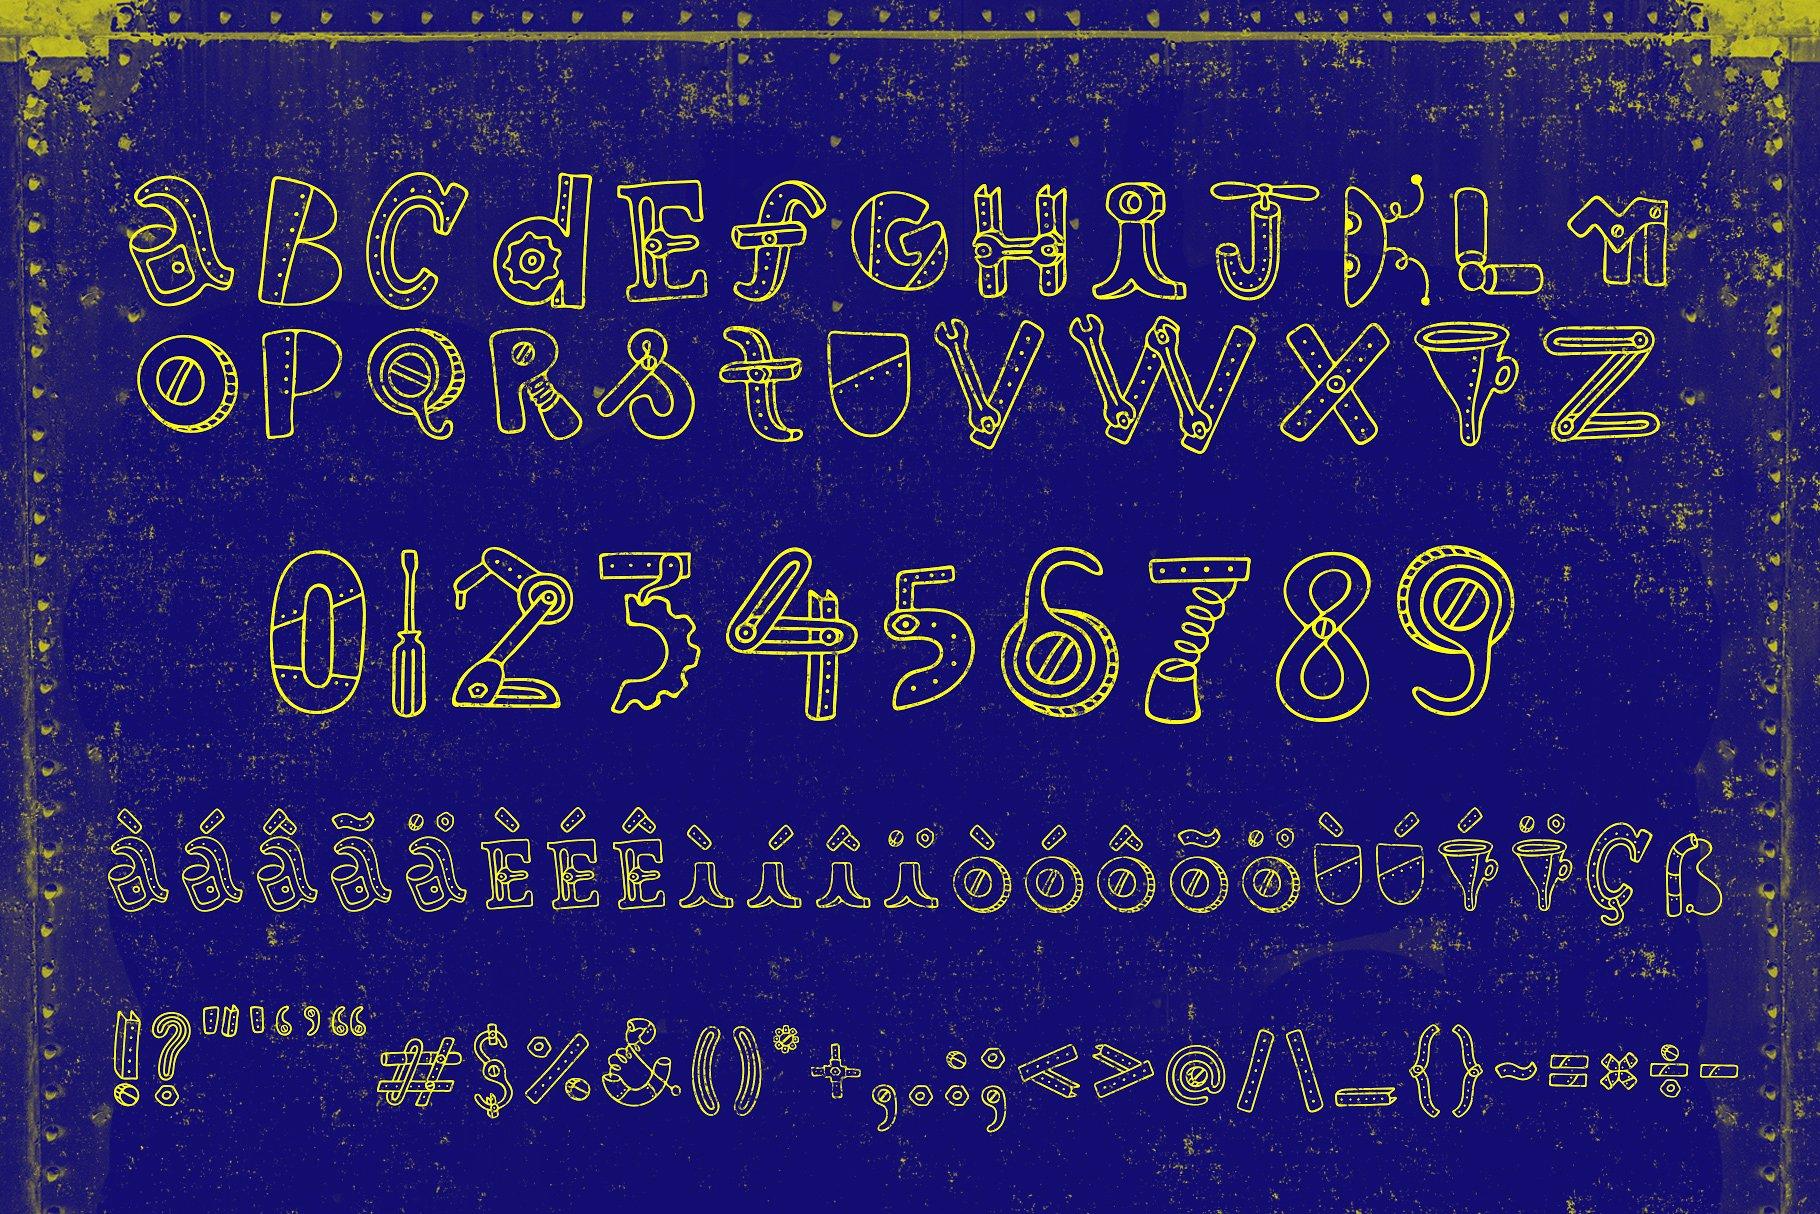 Robotikka Typeface example image 3